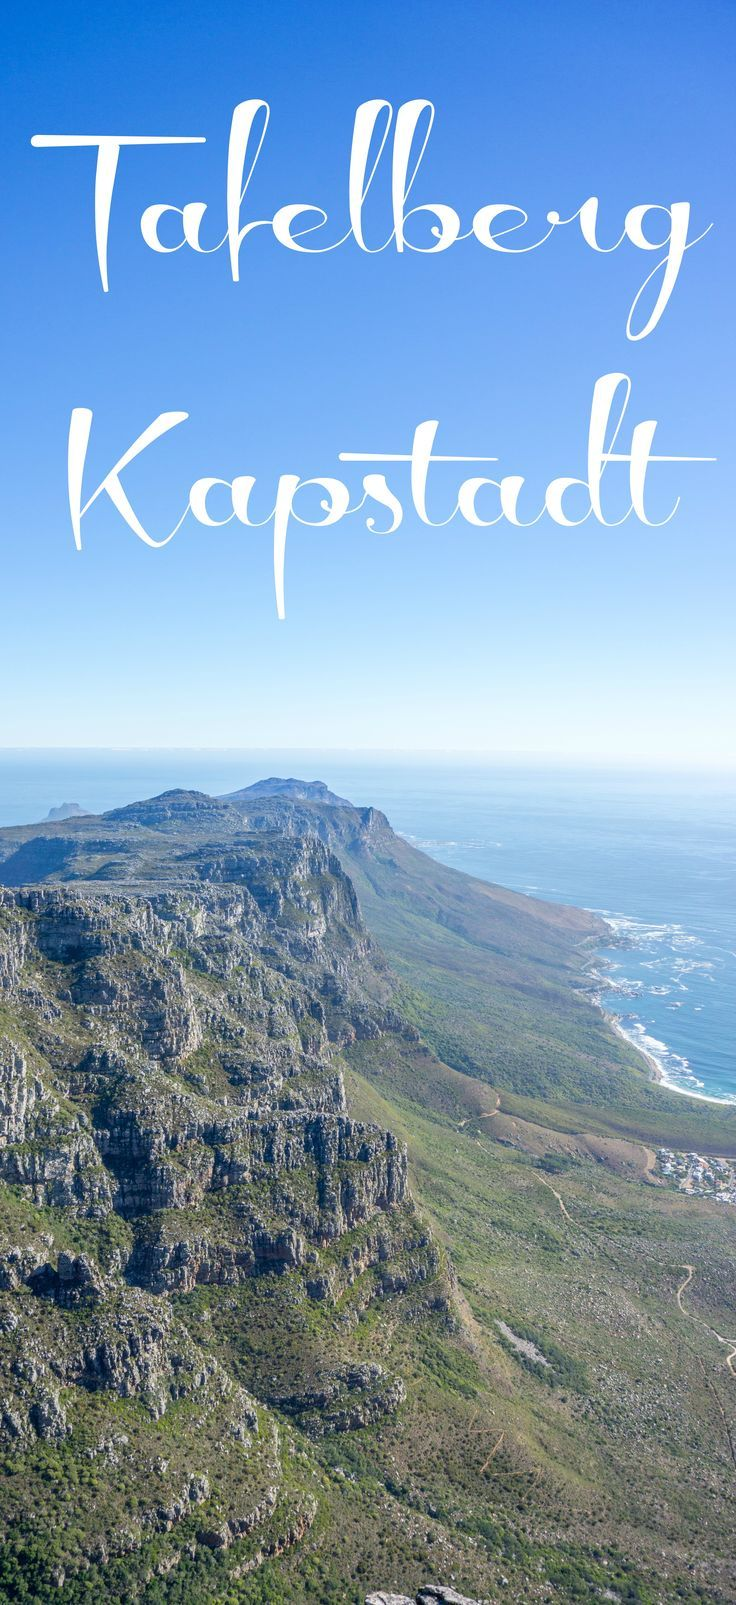 Der Tafelberg in Kapstadt zählt zu den beliebtesten Sehenswürdigkeiten in Südafrika. Kein Wunder, die Aussicht von hier oben ist der pure Wahnsinn!